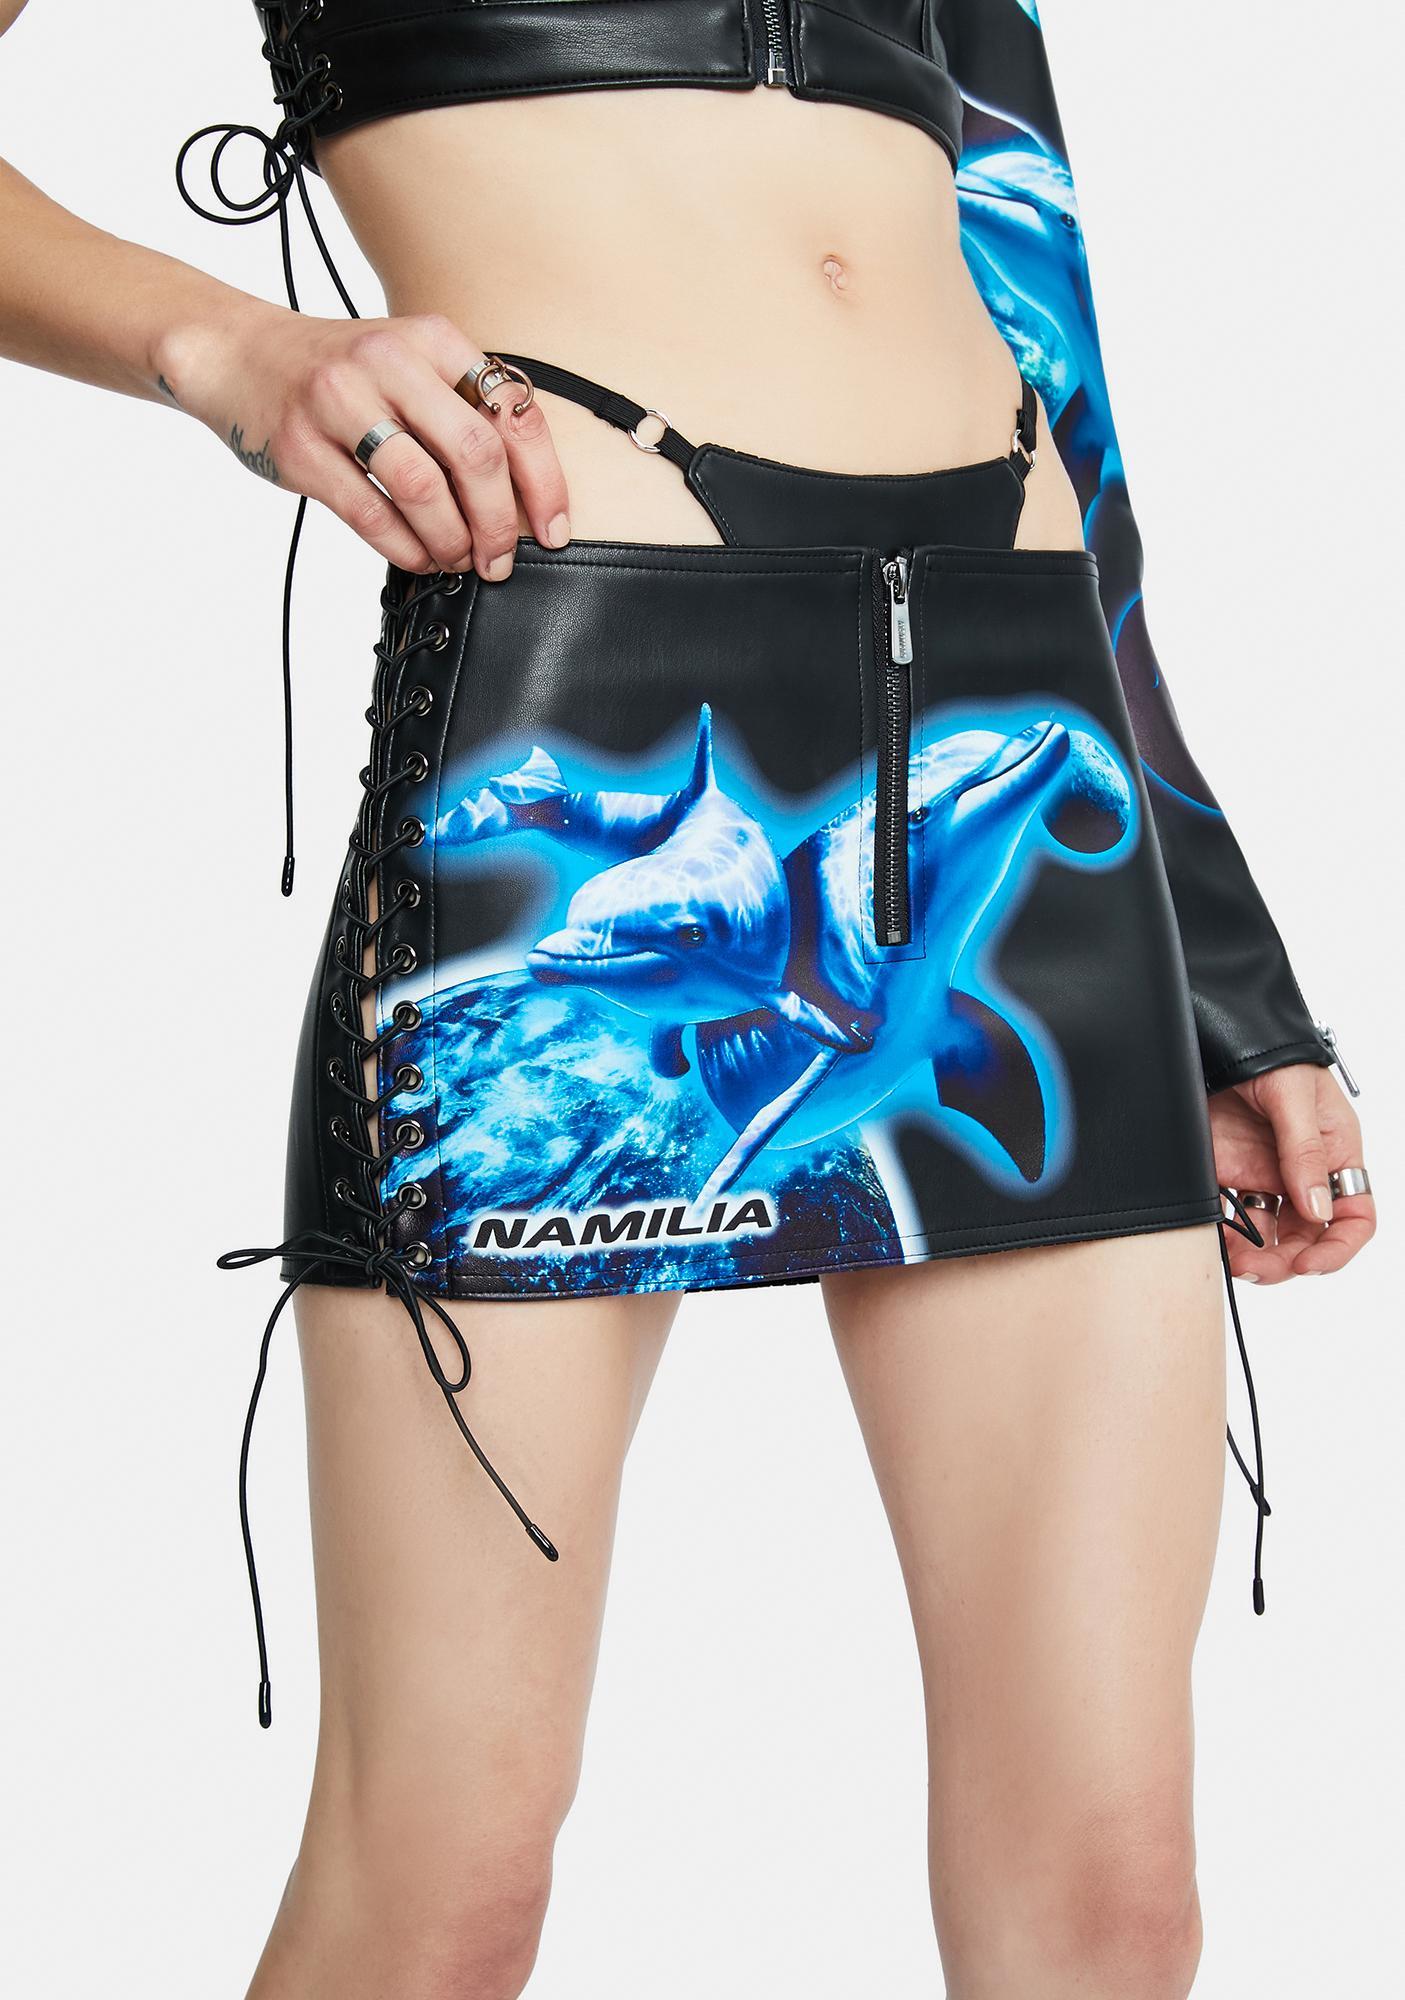 Namilia Aqualicious Mini Lace Up Skirt